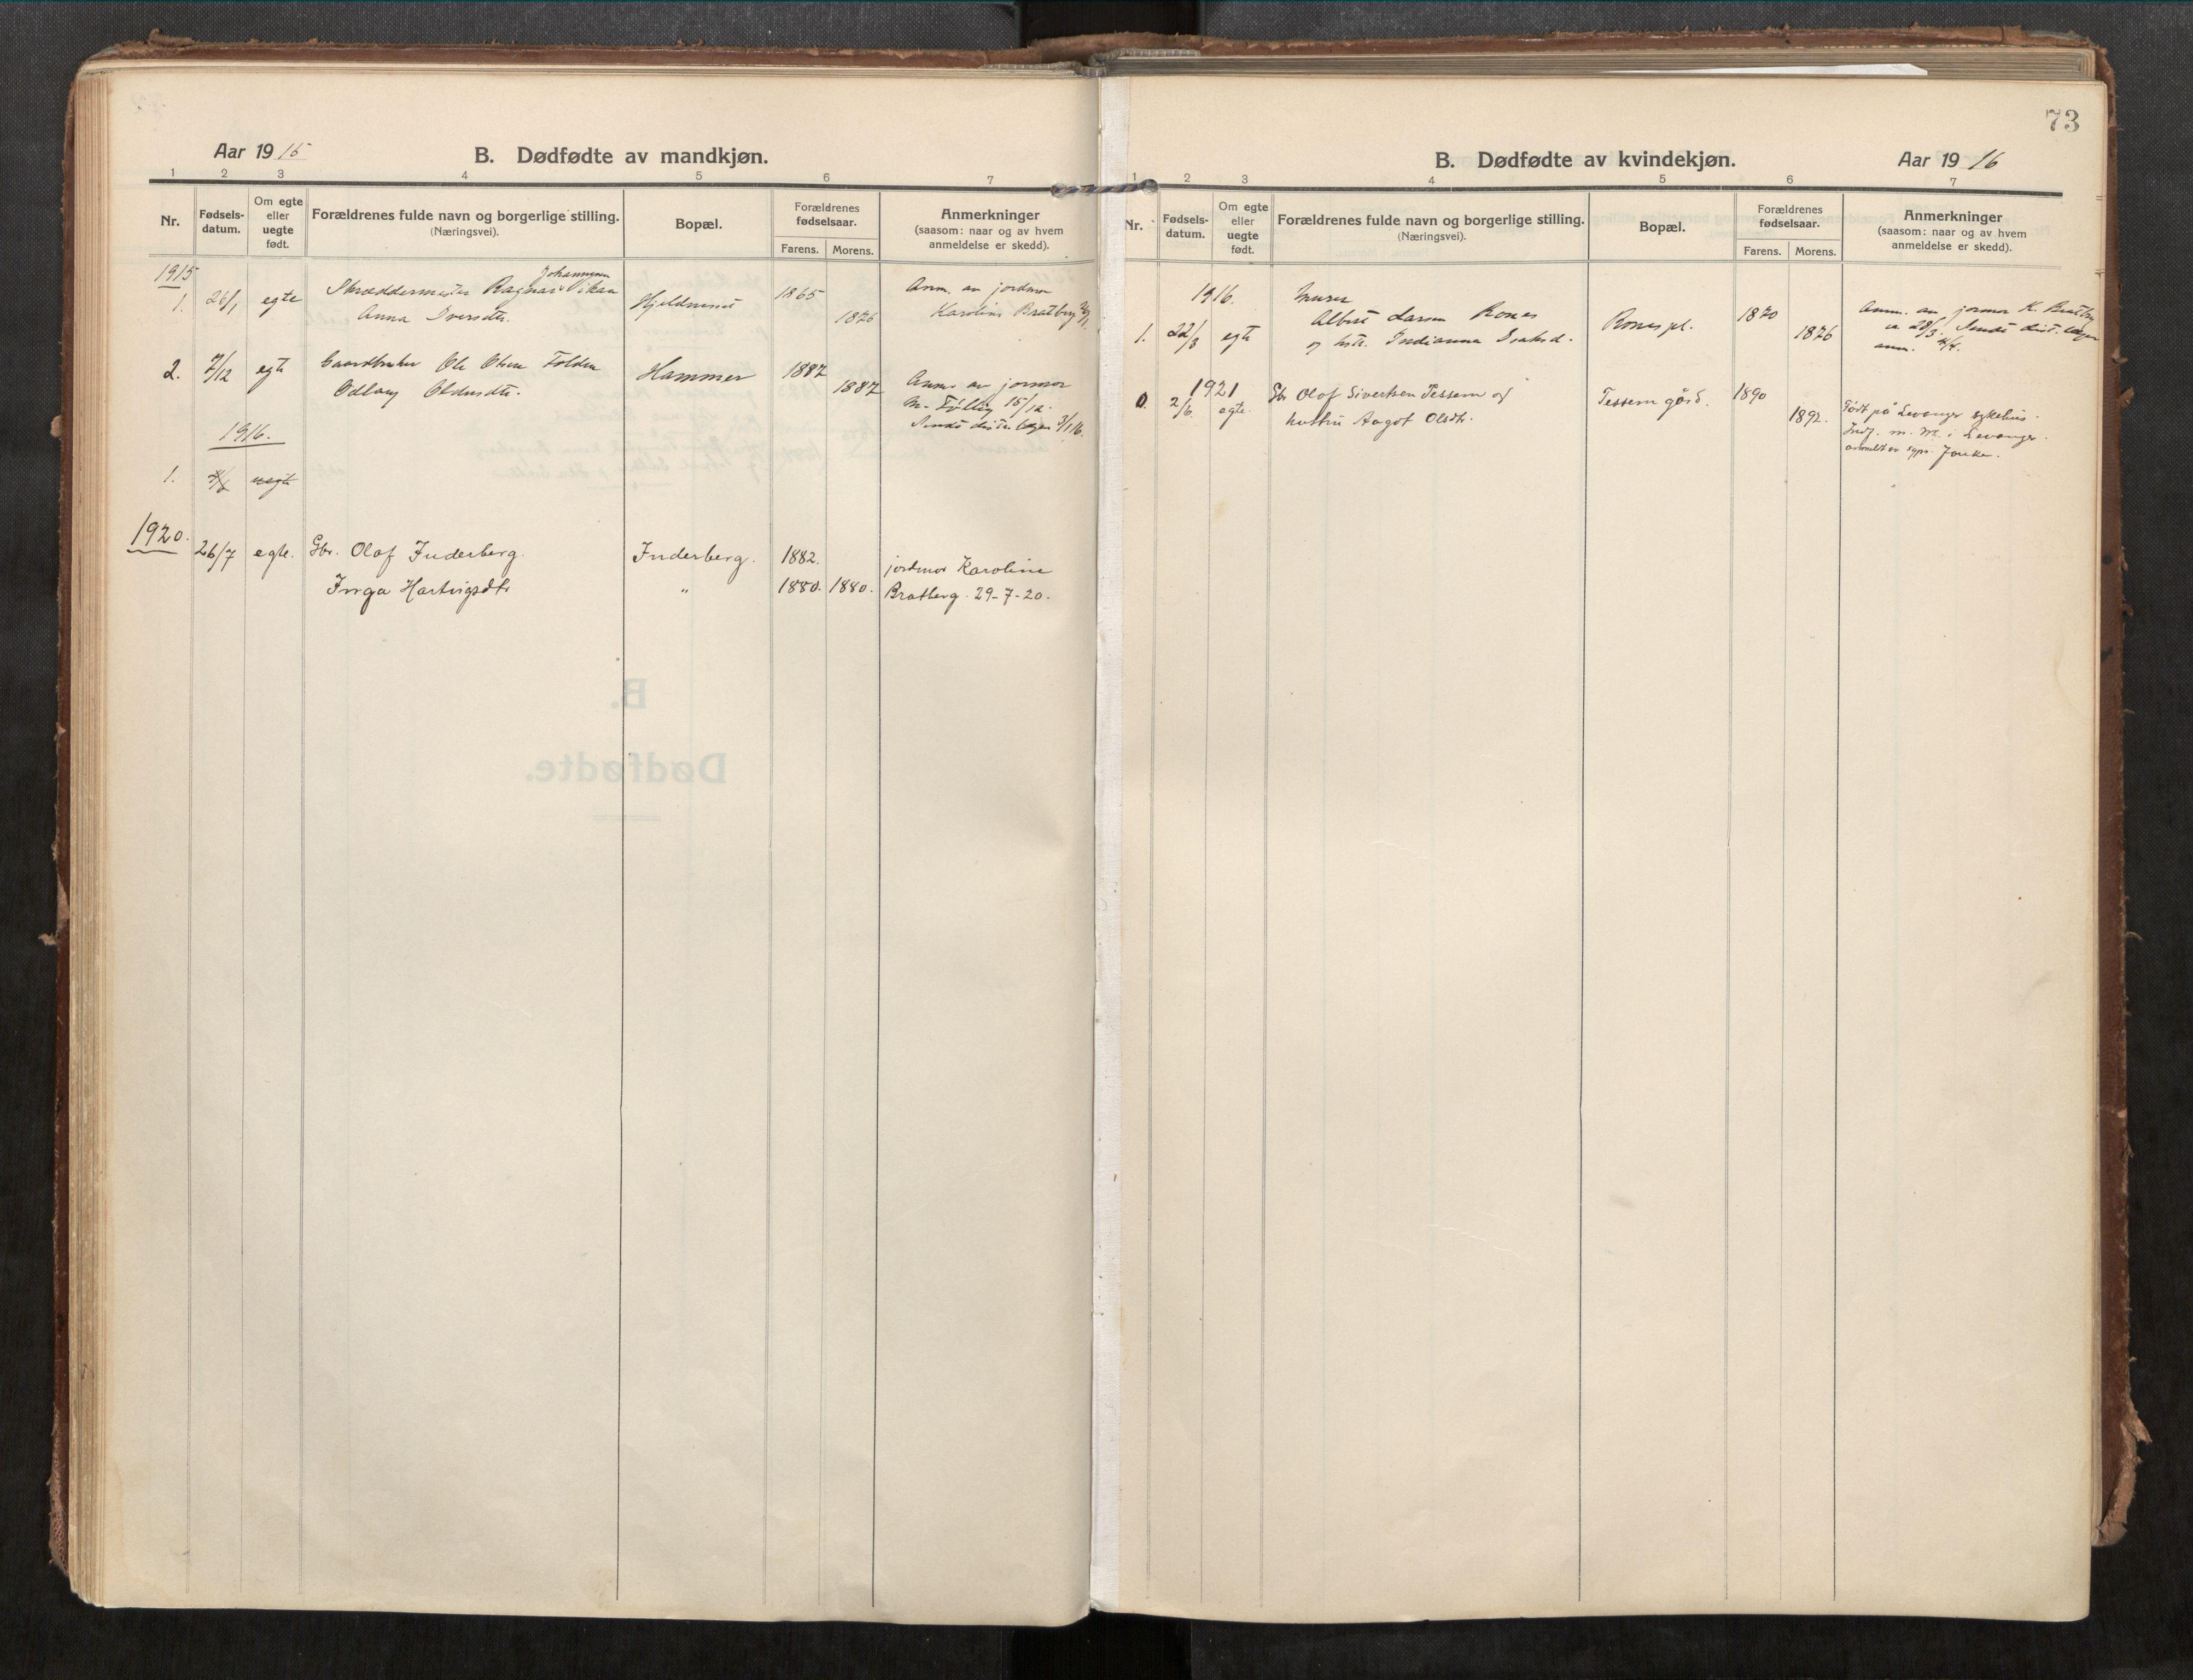 SAT, Beitstad sokneprestkontor, I/I1/I1a/L0001: Parish register (official) no. 1, 1912-1927, p. 73